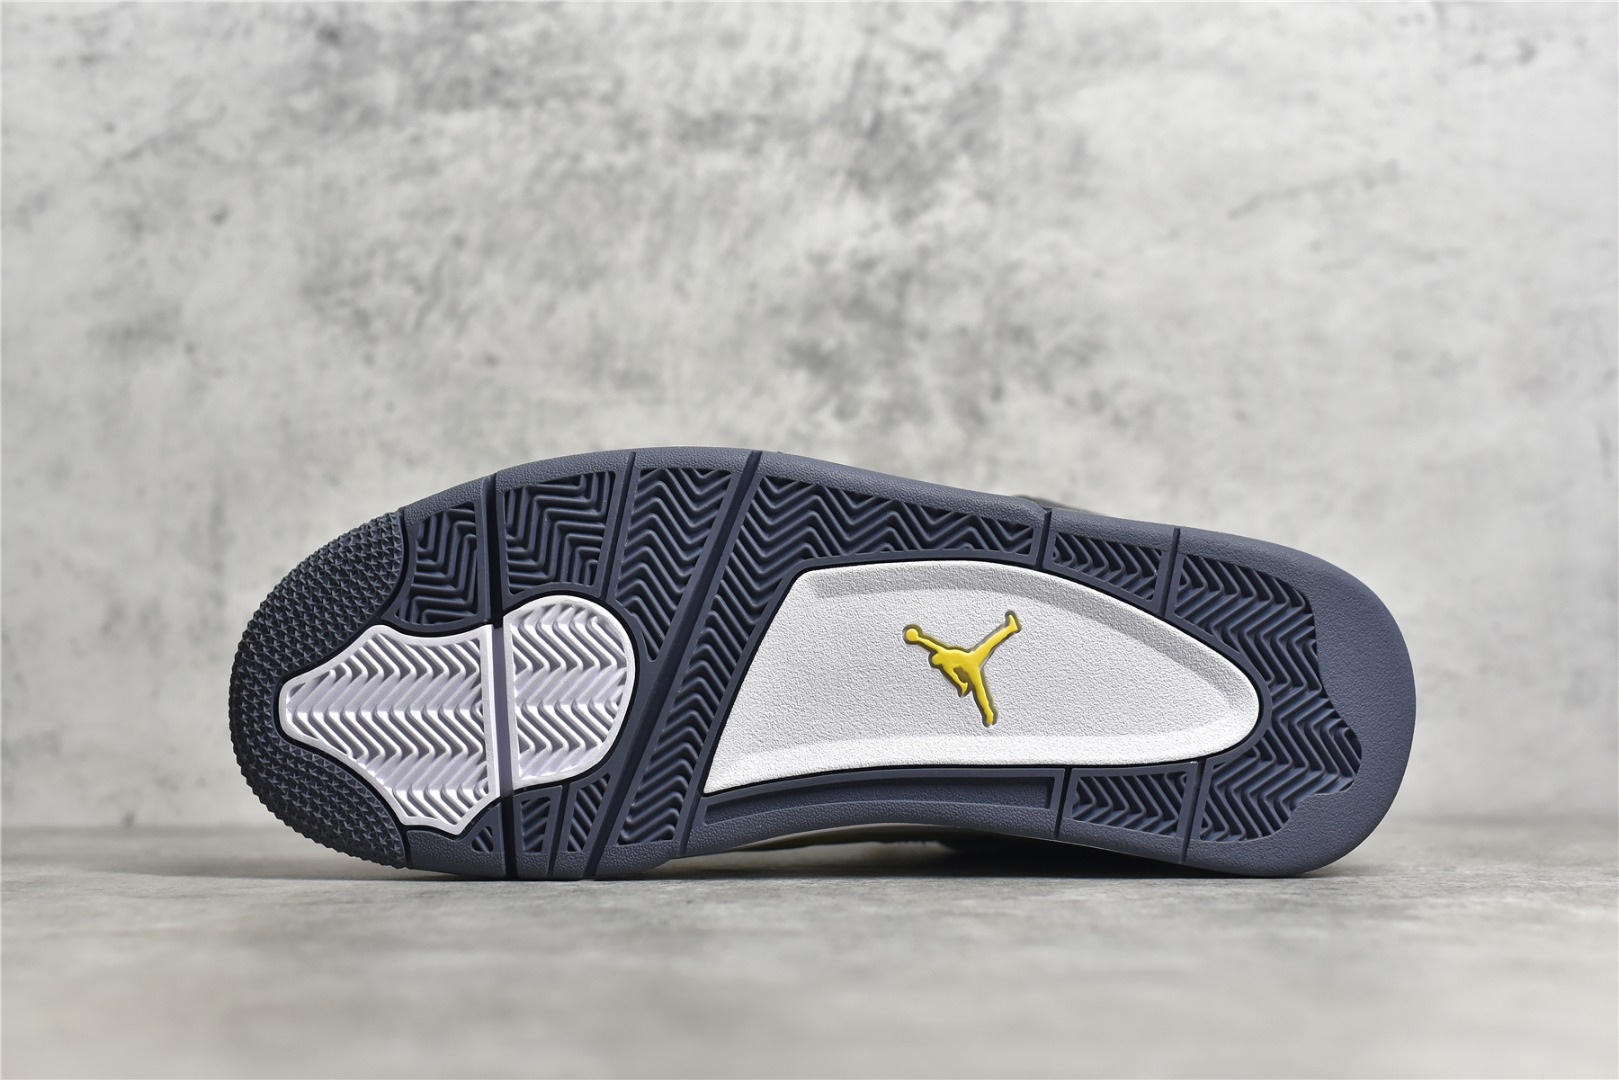 """AJ4电母黄色闪电 Air Jordan 4 """"Lightning""""电母 黄闪电SG纯原版本 原厂AJ4电母正品复刻 货号:314254-702-潮流者之家"""